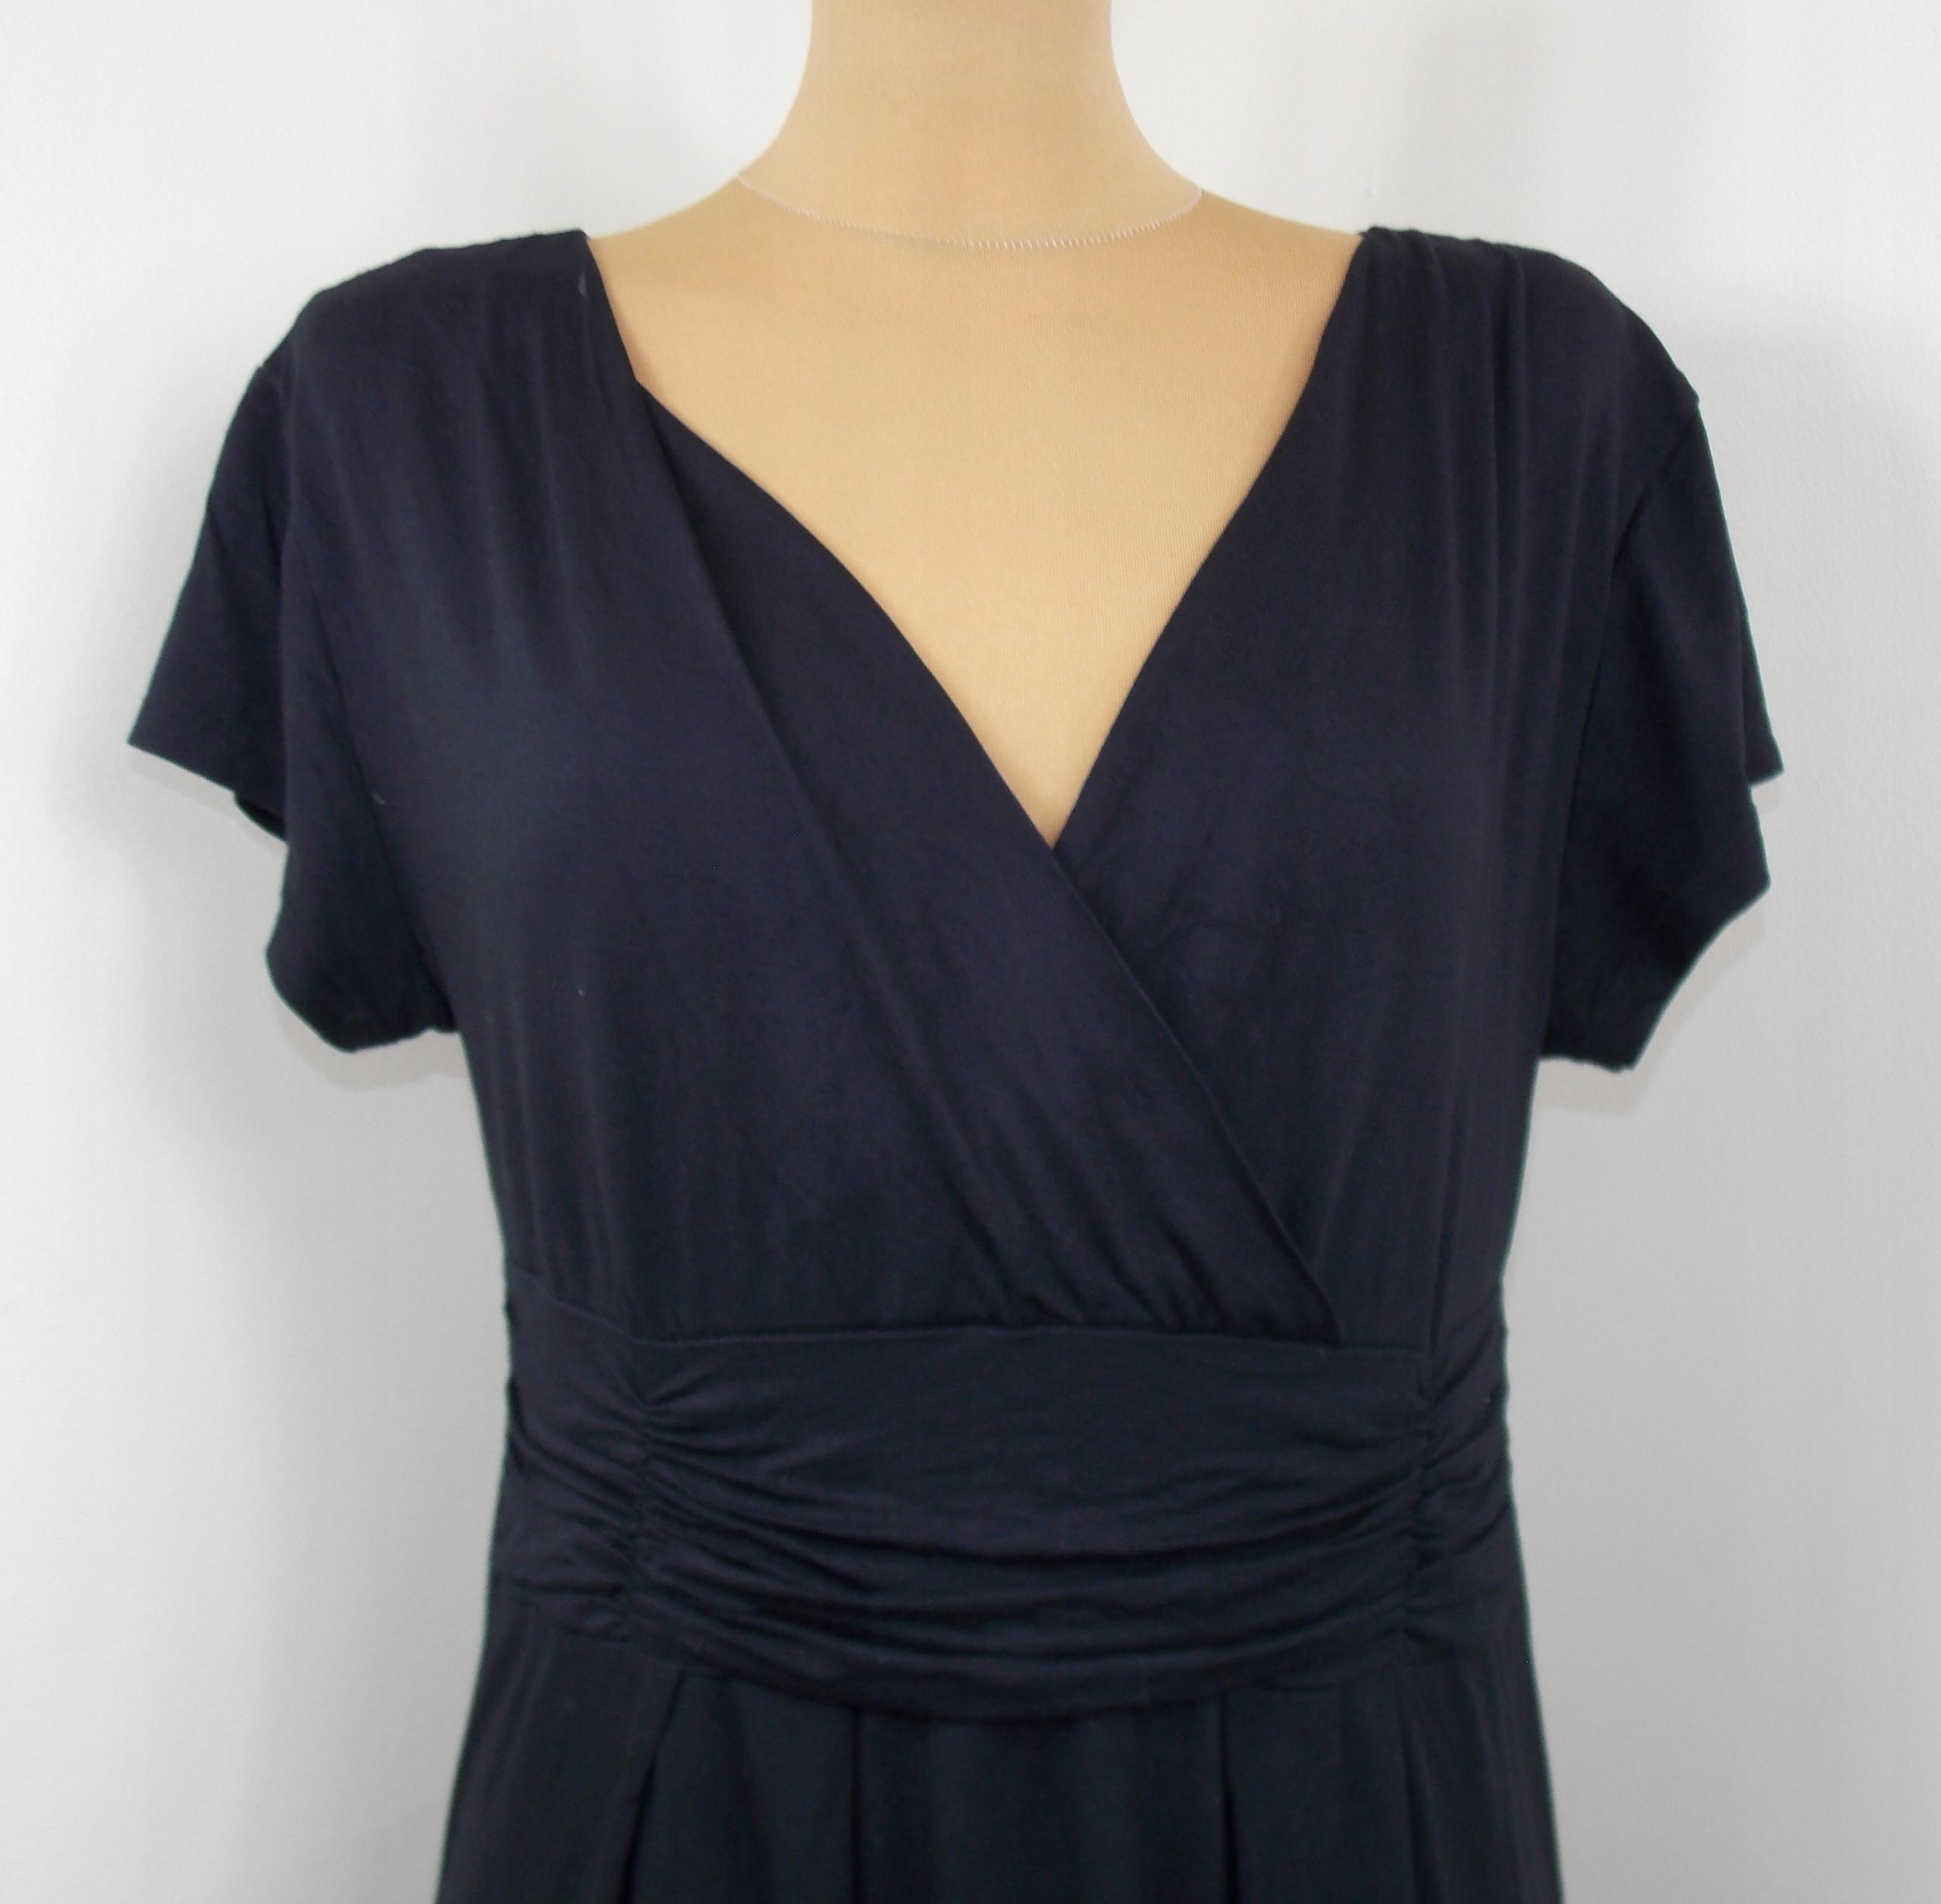 sukienka AWRORA ASOS elegancka klasyczna biuro 42